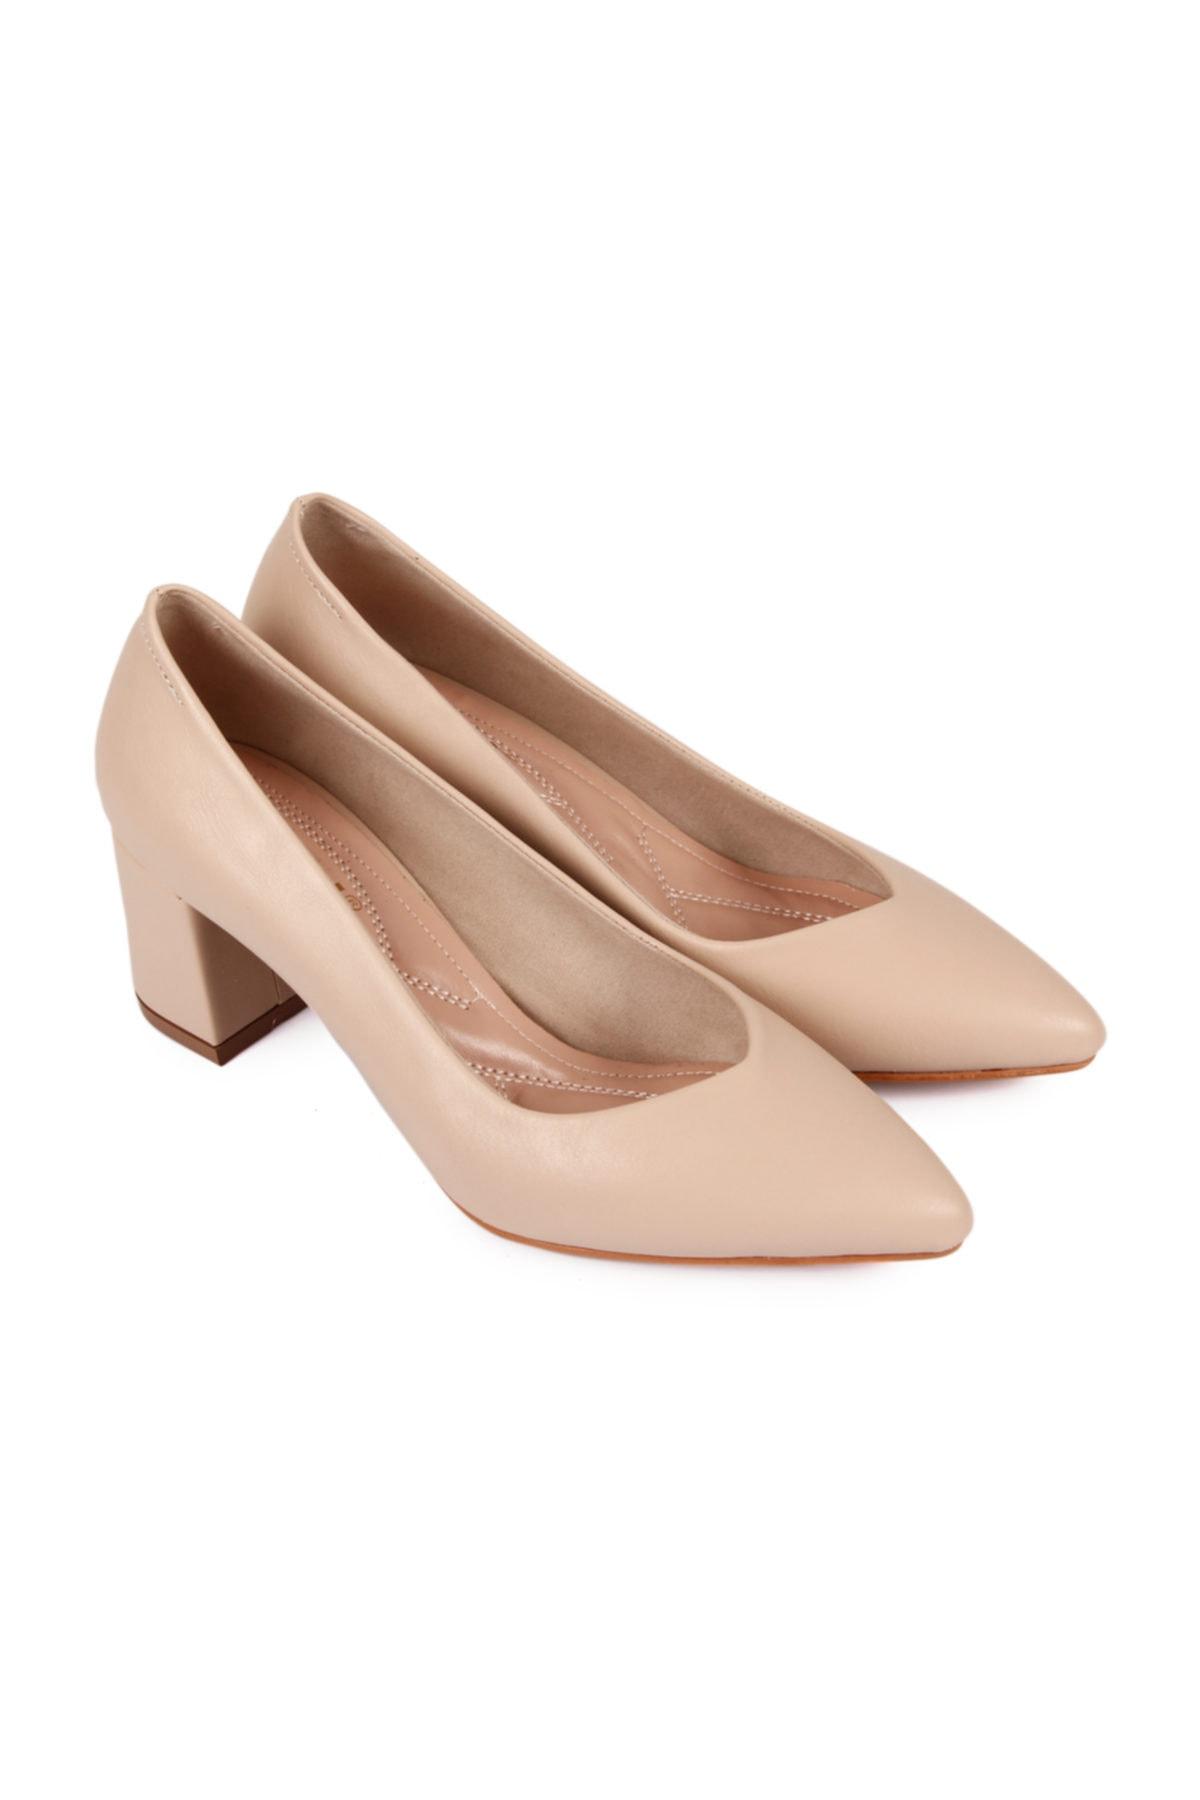 G.Ö.N Gön Kadın Topuklu Ayakkabı 38918 2